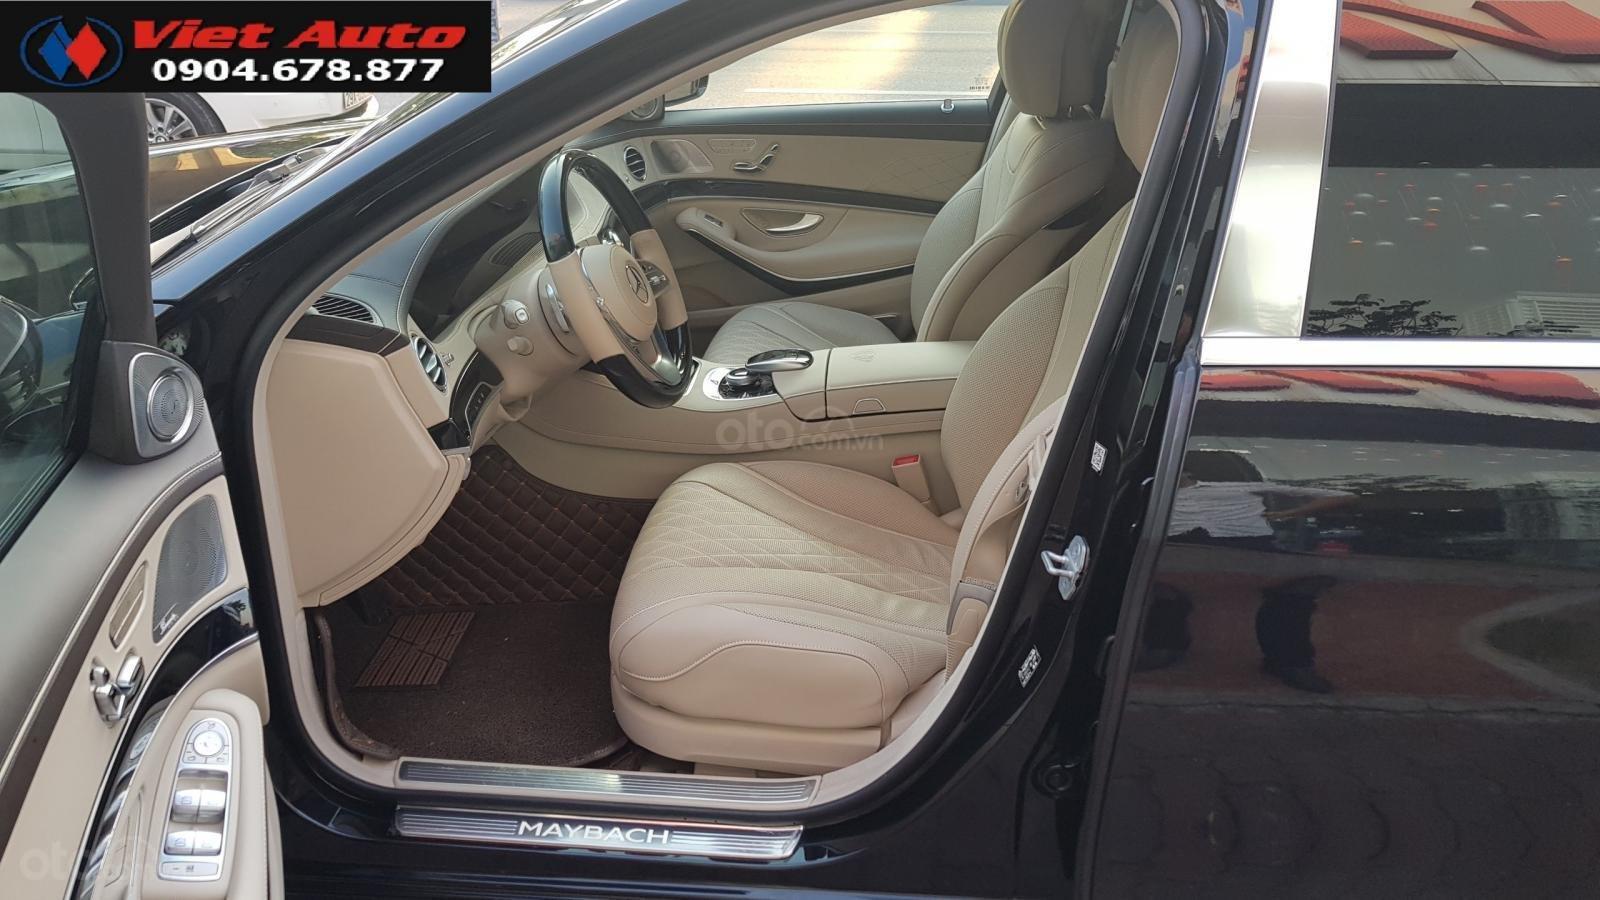 Bán Mercedes-Benz S450 Maybach màu đen, nội thất kem, xe sản xuất 2017, đăng ký lần đầu 4/2018 tên công ty-4